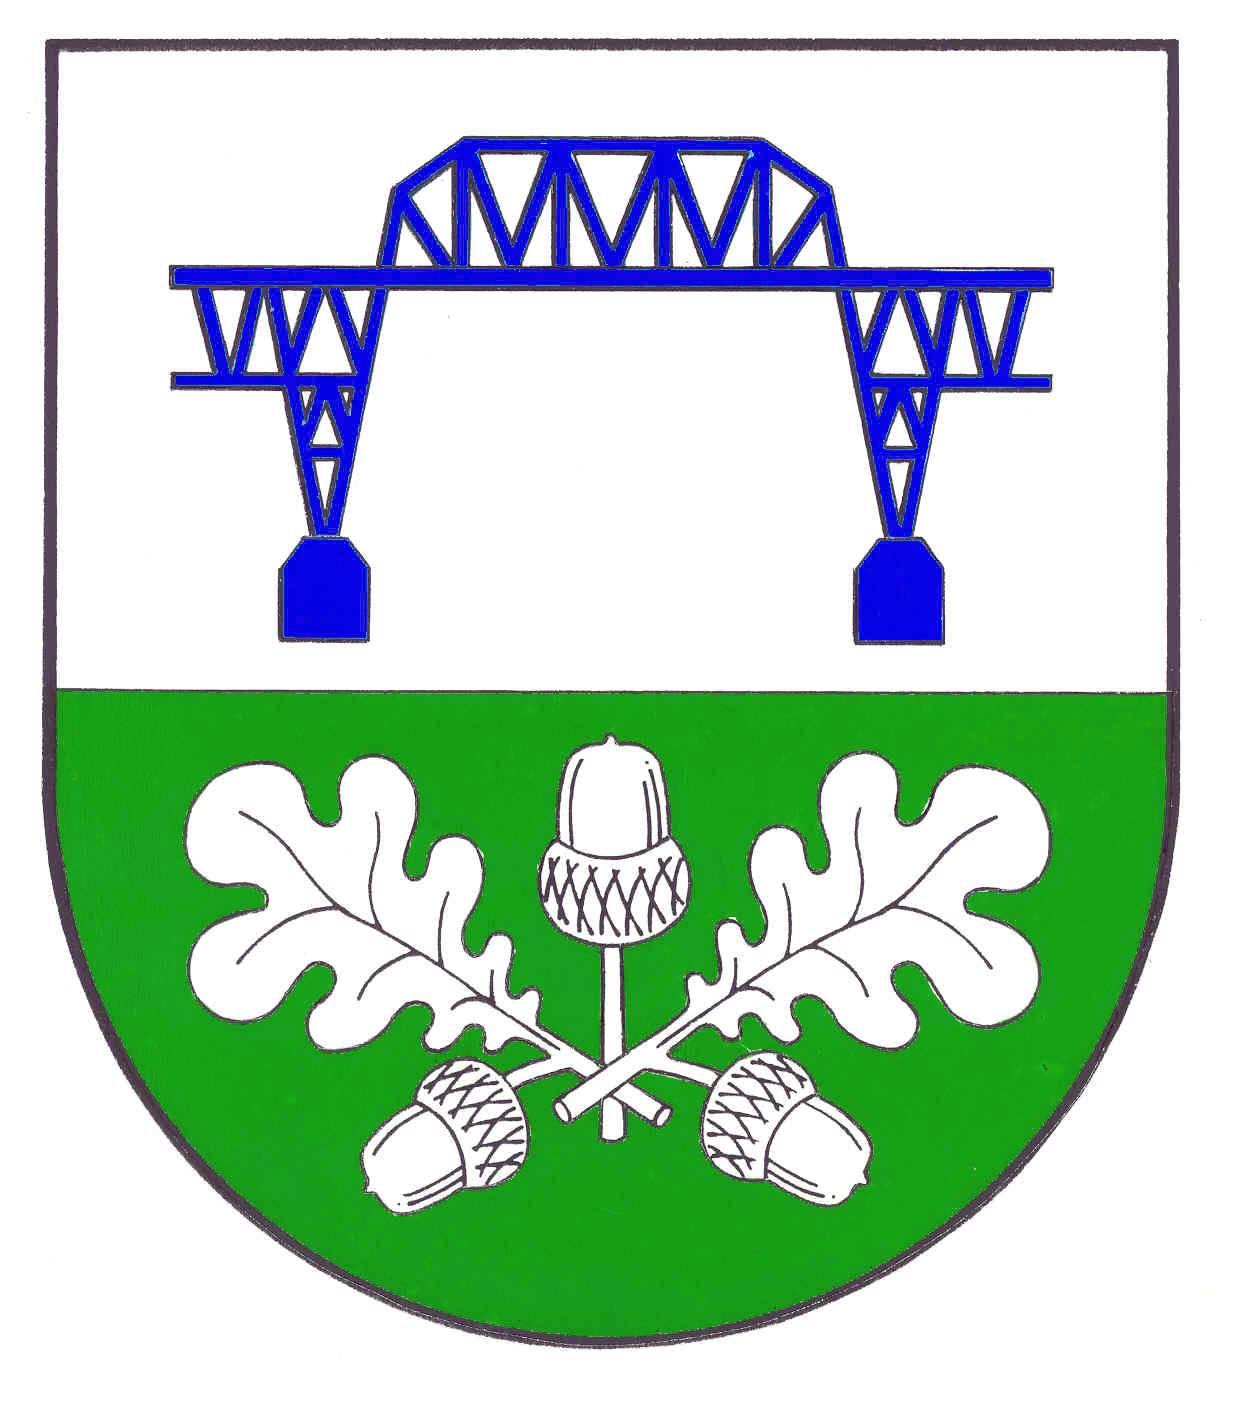 Wappen GemeindeHochdonn, Kreis Dithmarschen